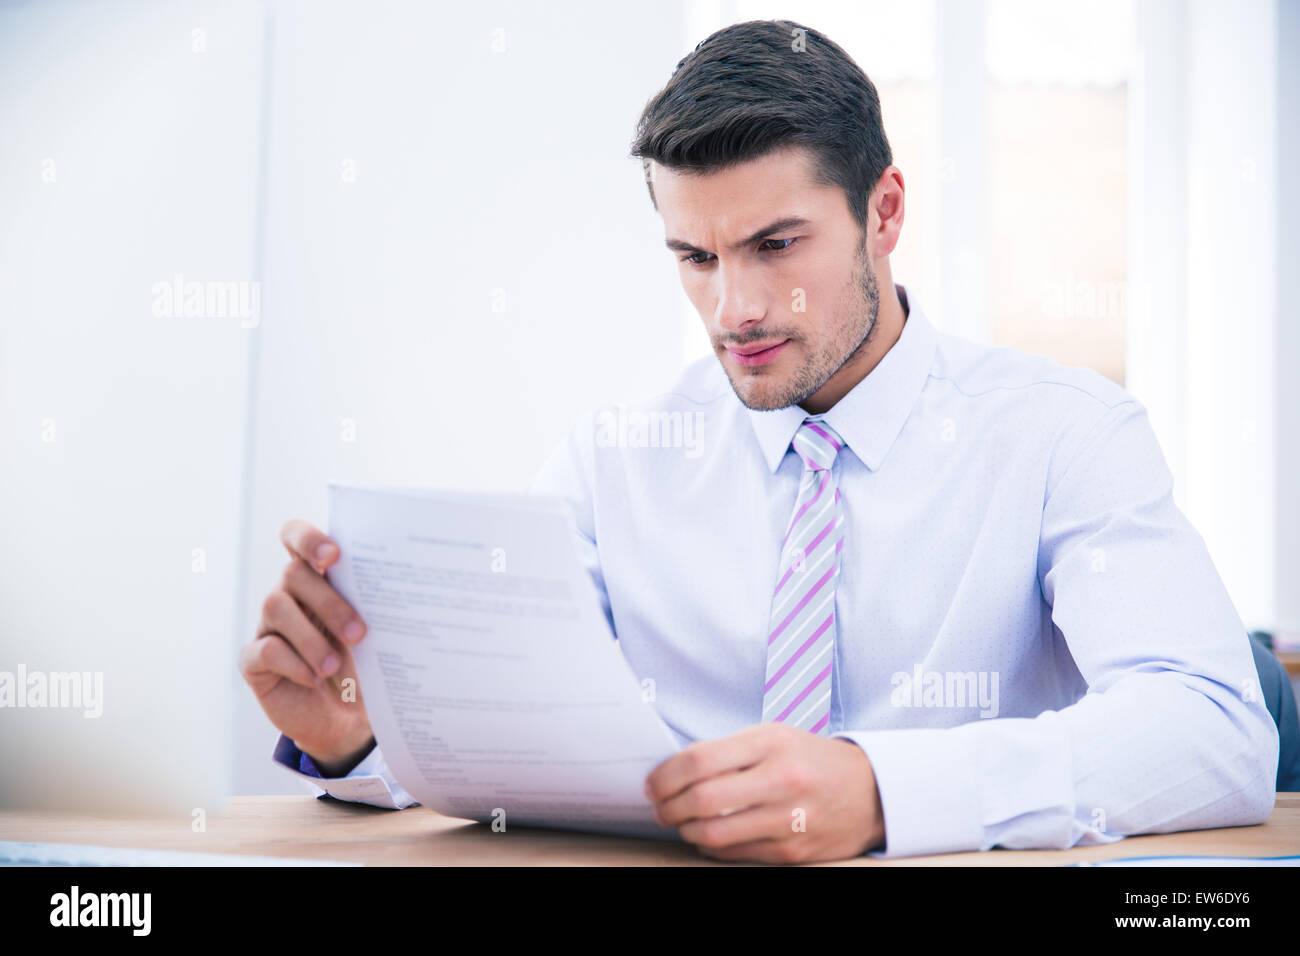 Guapo empresario sentado a la mesa leyendo documento en Office Imagen De Stock